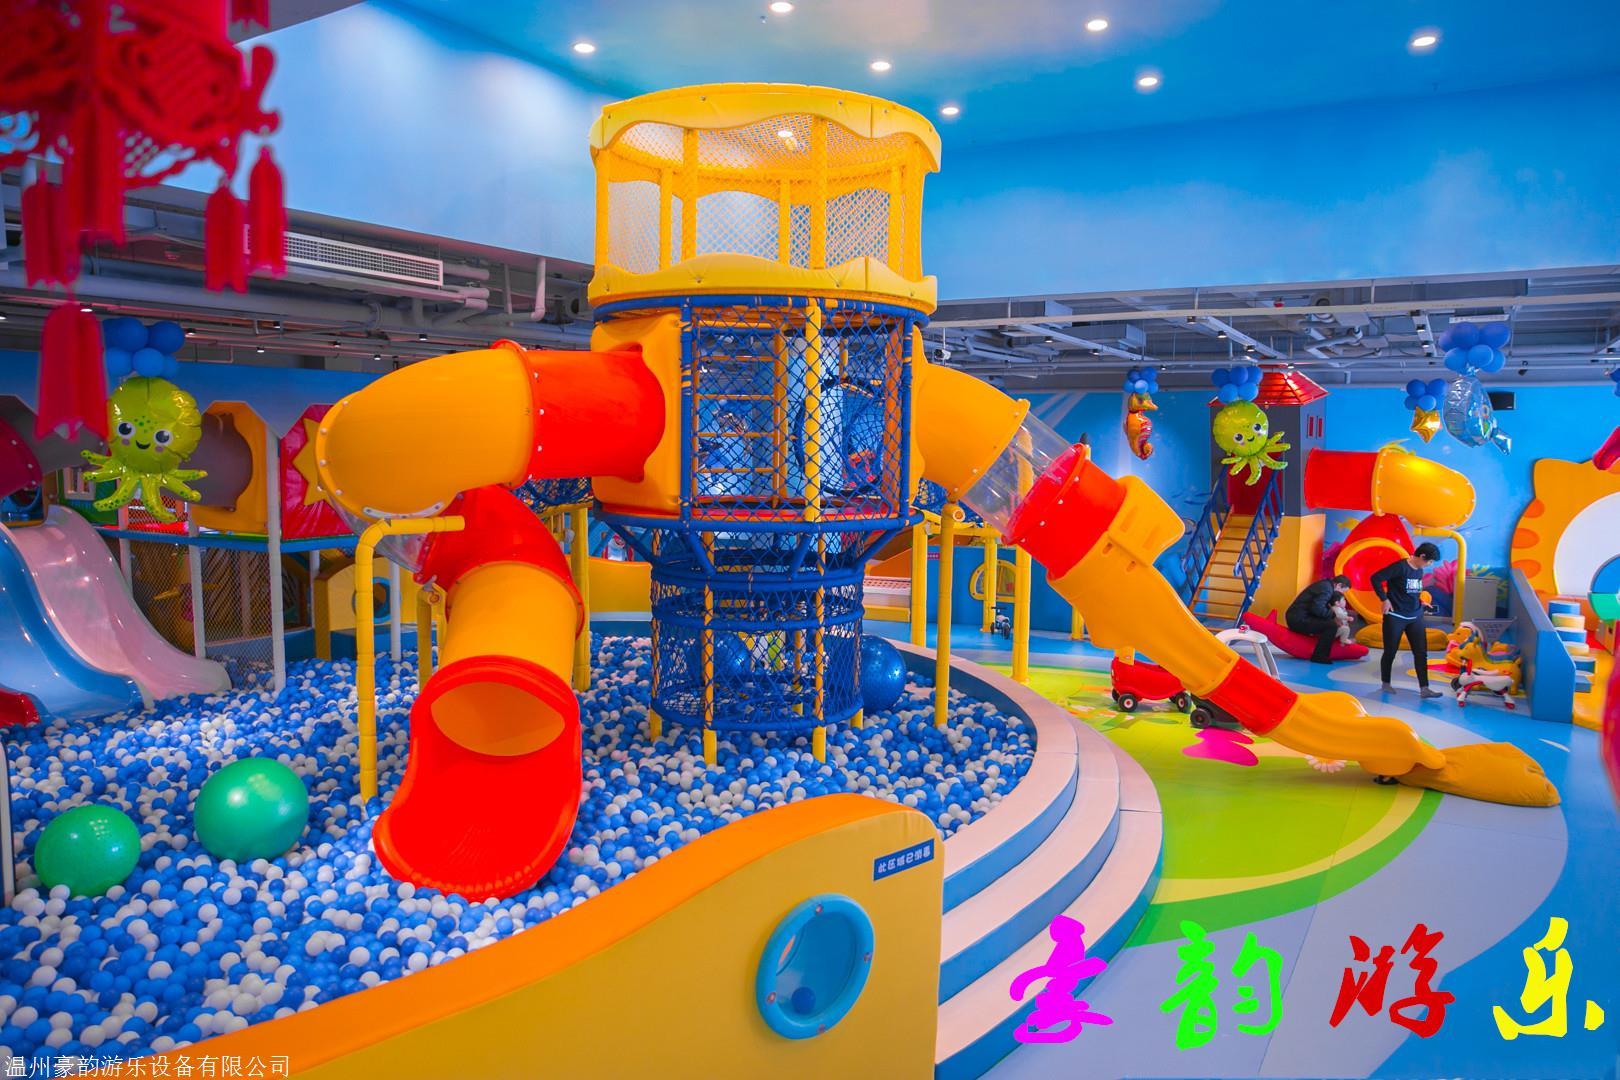 吉林大型百万球池厂家 百万球池滑梯价格